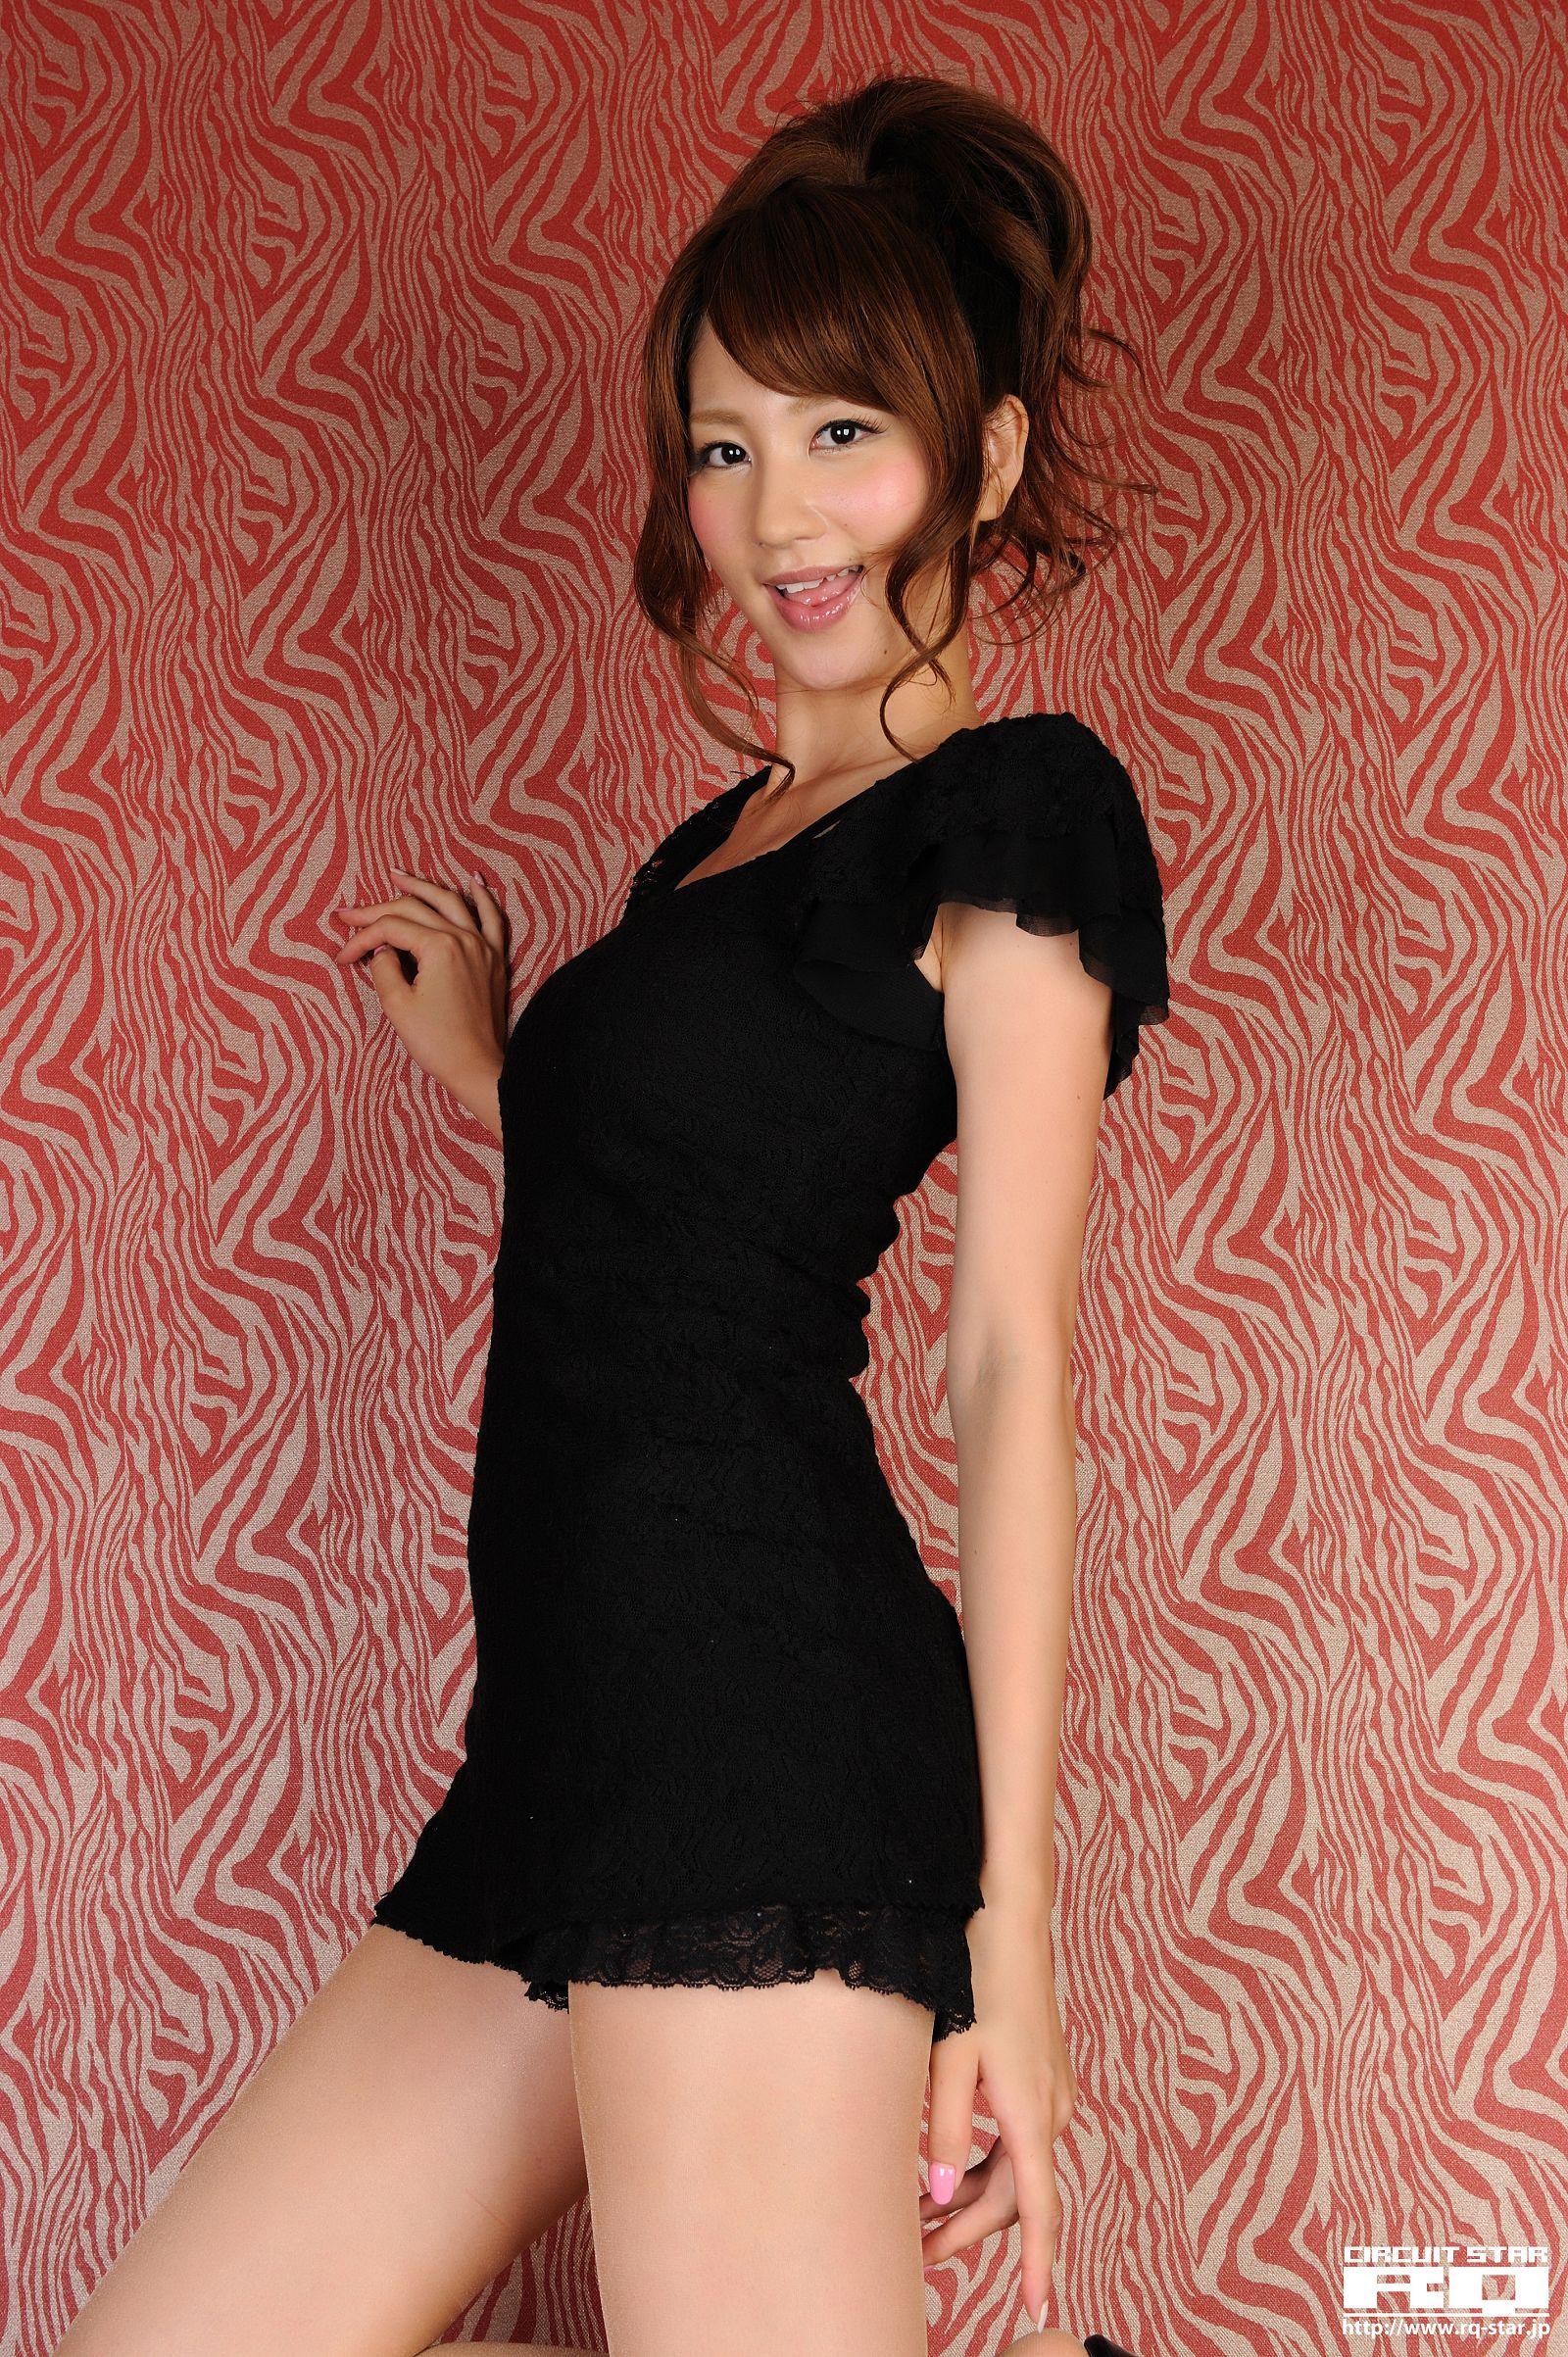 [RQ STAR美女] NO.00514 Maasa Maeda 前田真麻 Private Dress[98P] RQ STAR 第2张